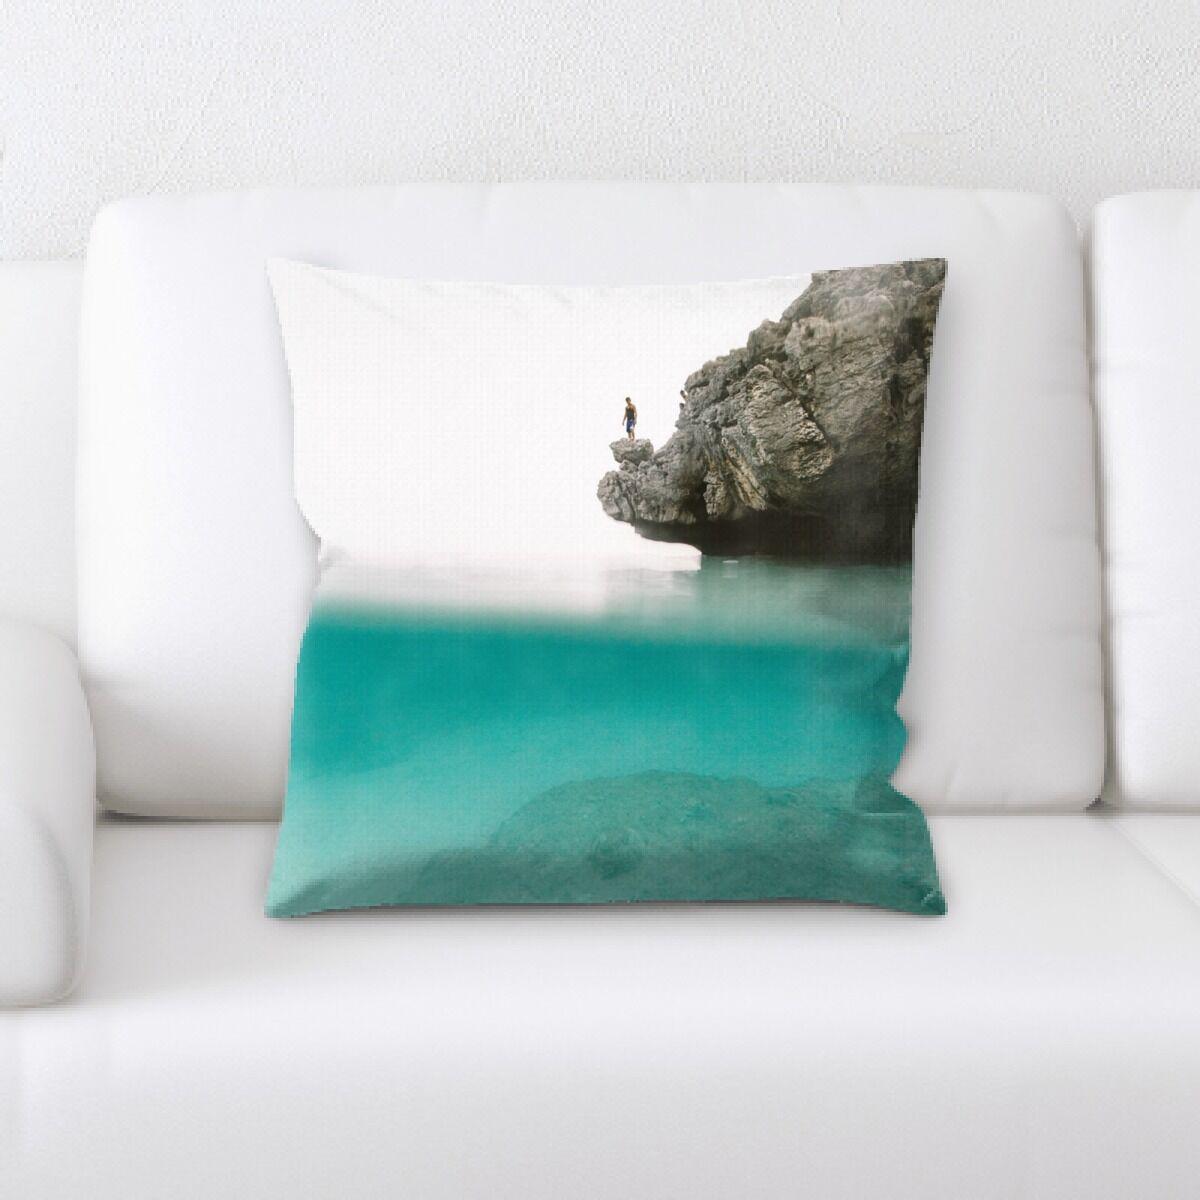 Ledya Mountain and Cliffs (86) Throw Pillow